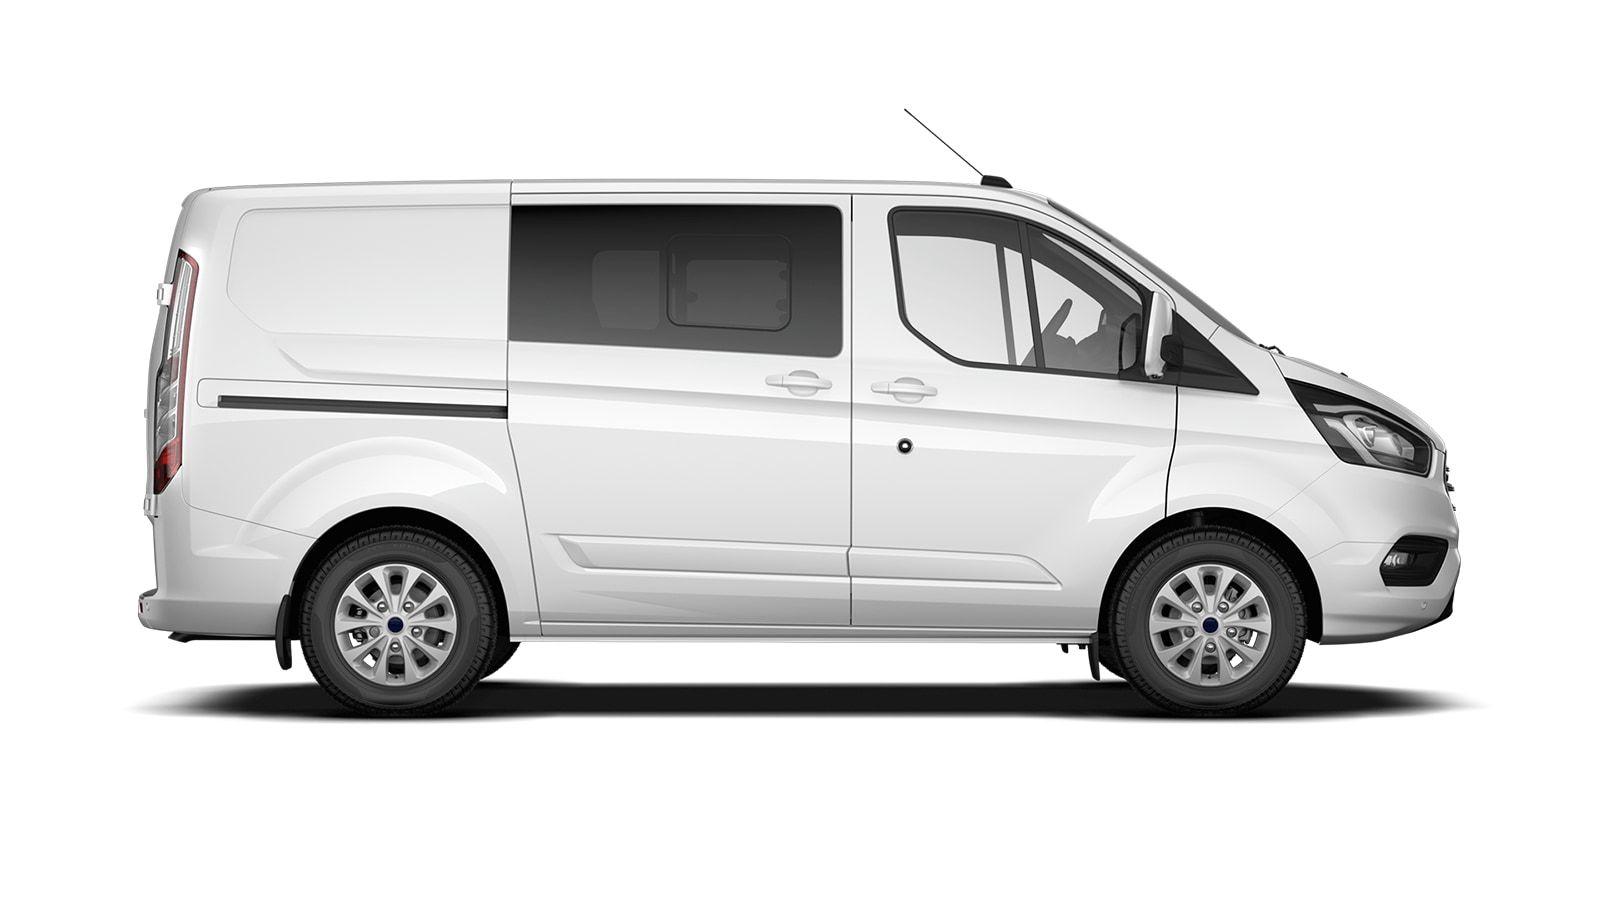 Nieuw Ford Transit custom 320L Multi use: bestelwagen met dubbele cabine L1 Limited MS BYW - niet-metaalkleur: Frozen White 4